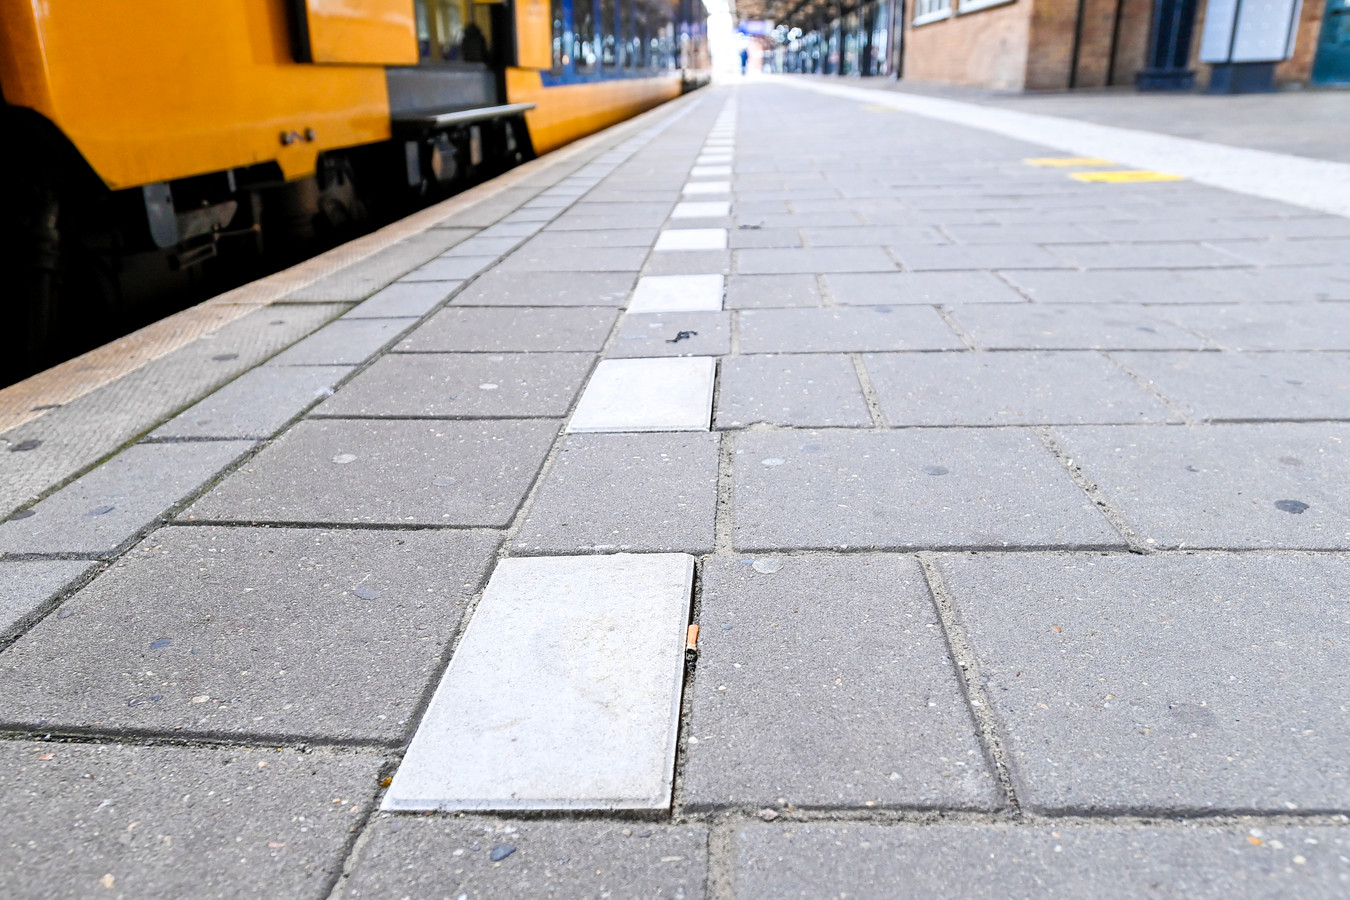 SB: serie afgekocht 30-09-2020 - Roosendaal - Foto: Pix4Profs/Peter Braakmann - Laatste dag dat men mag roken op op het perron.